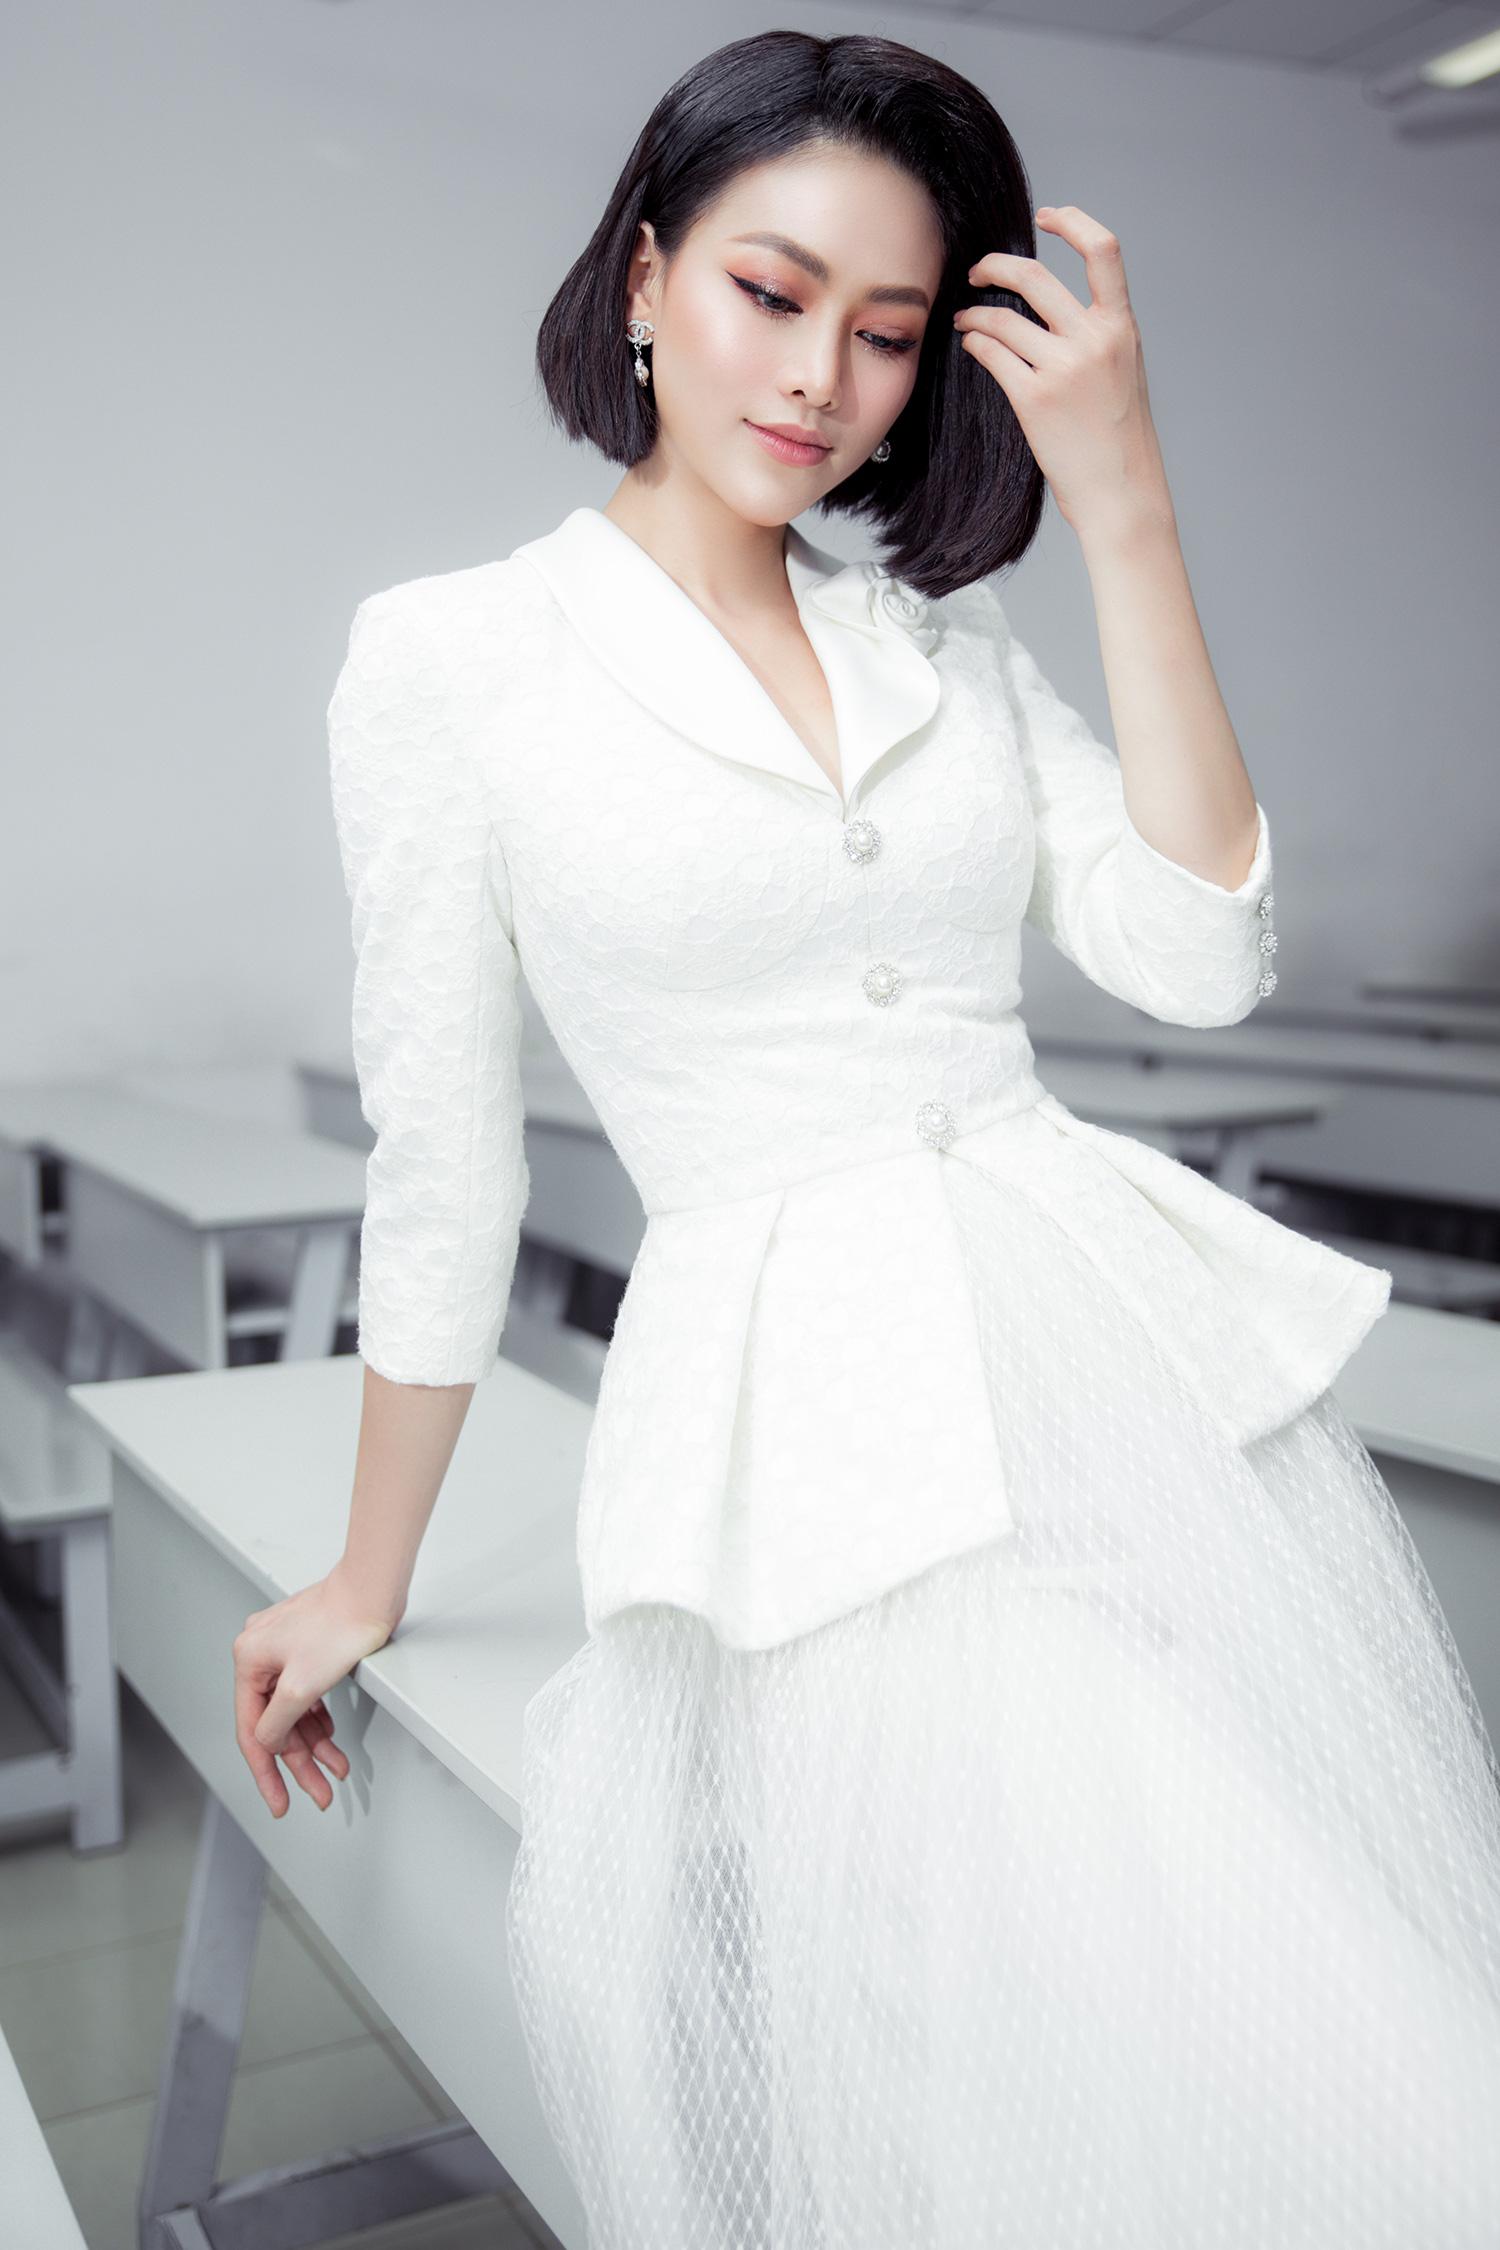 """Hoa hậu Phương Khánh khoe nhan sắc vạn người mê, đầy khí chất trên ghế nóng"""" - Ảnh 9."""